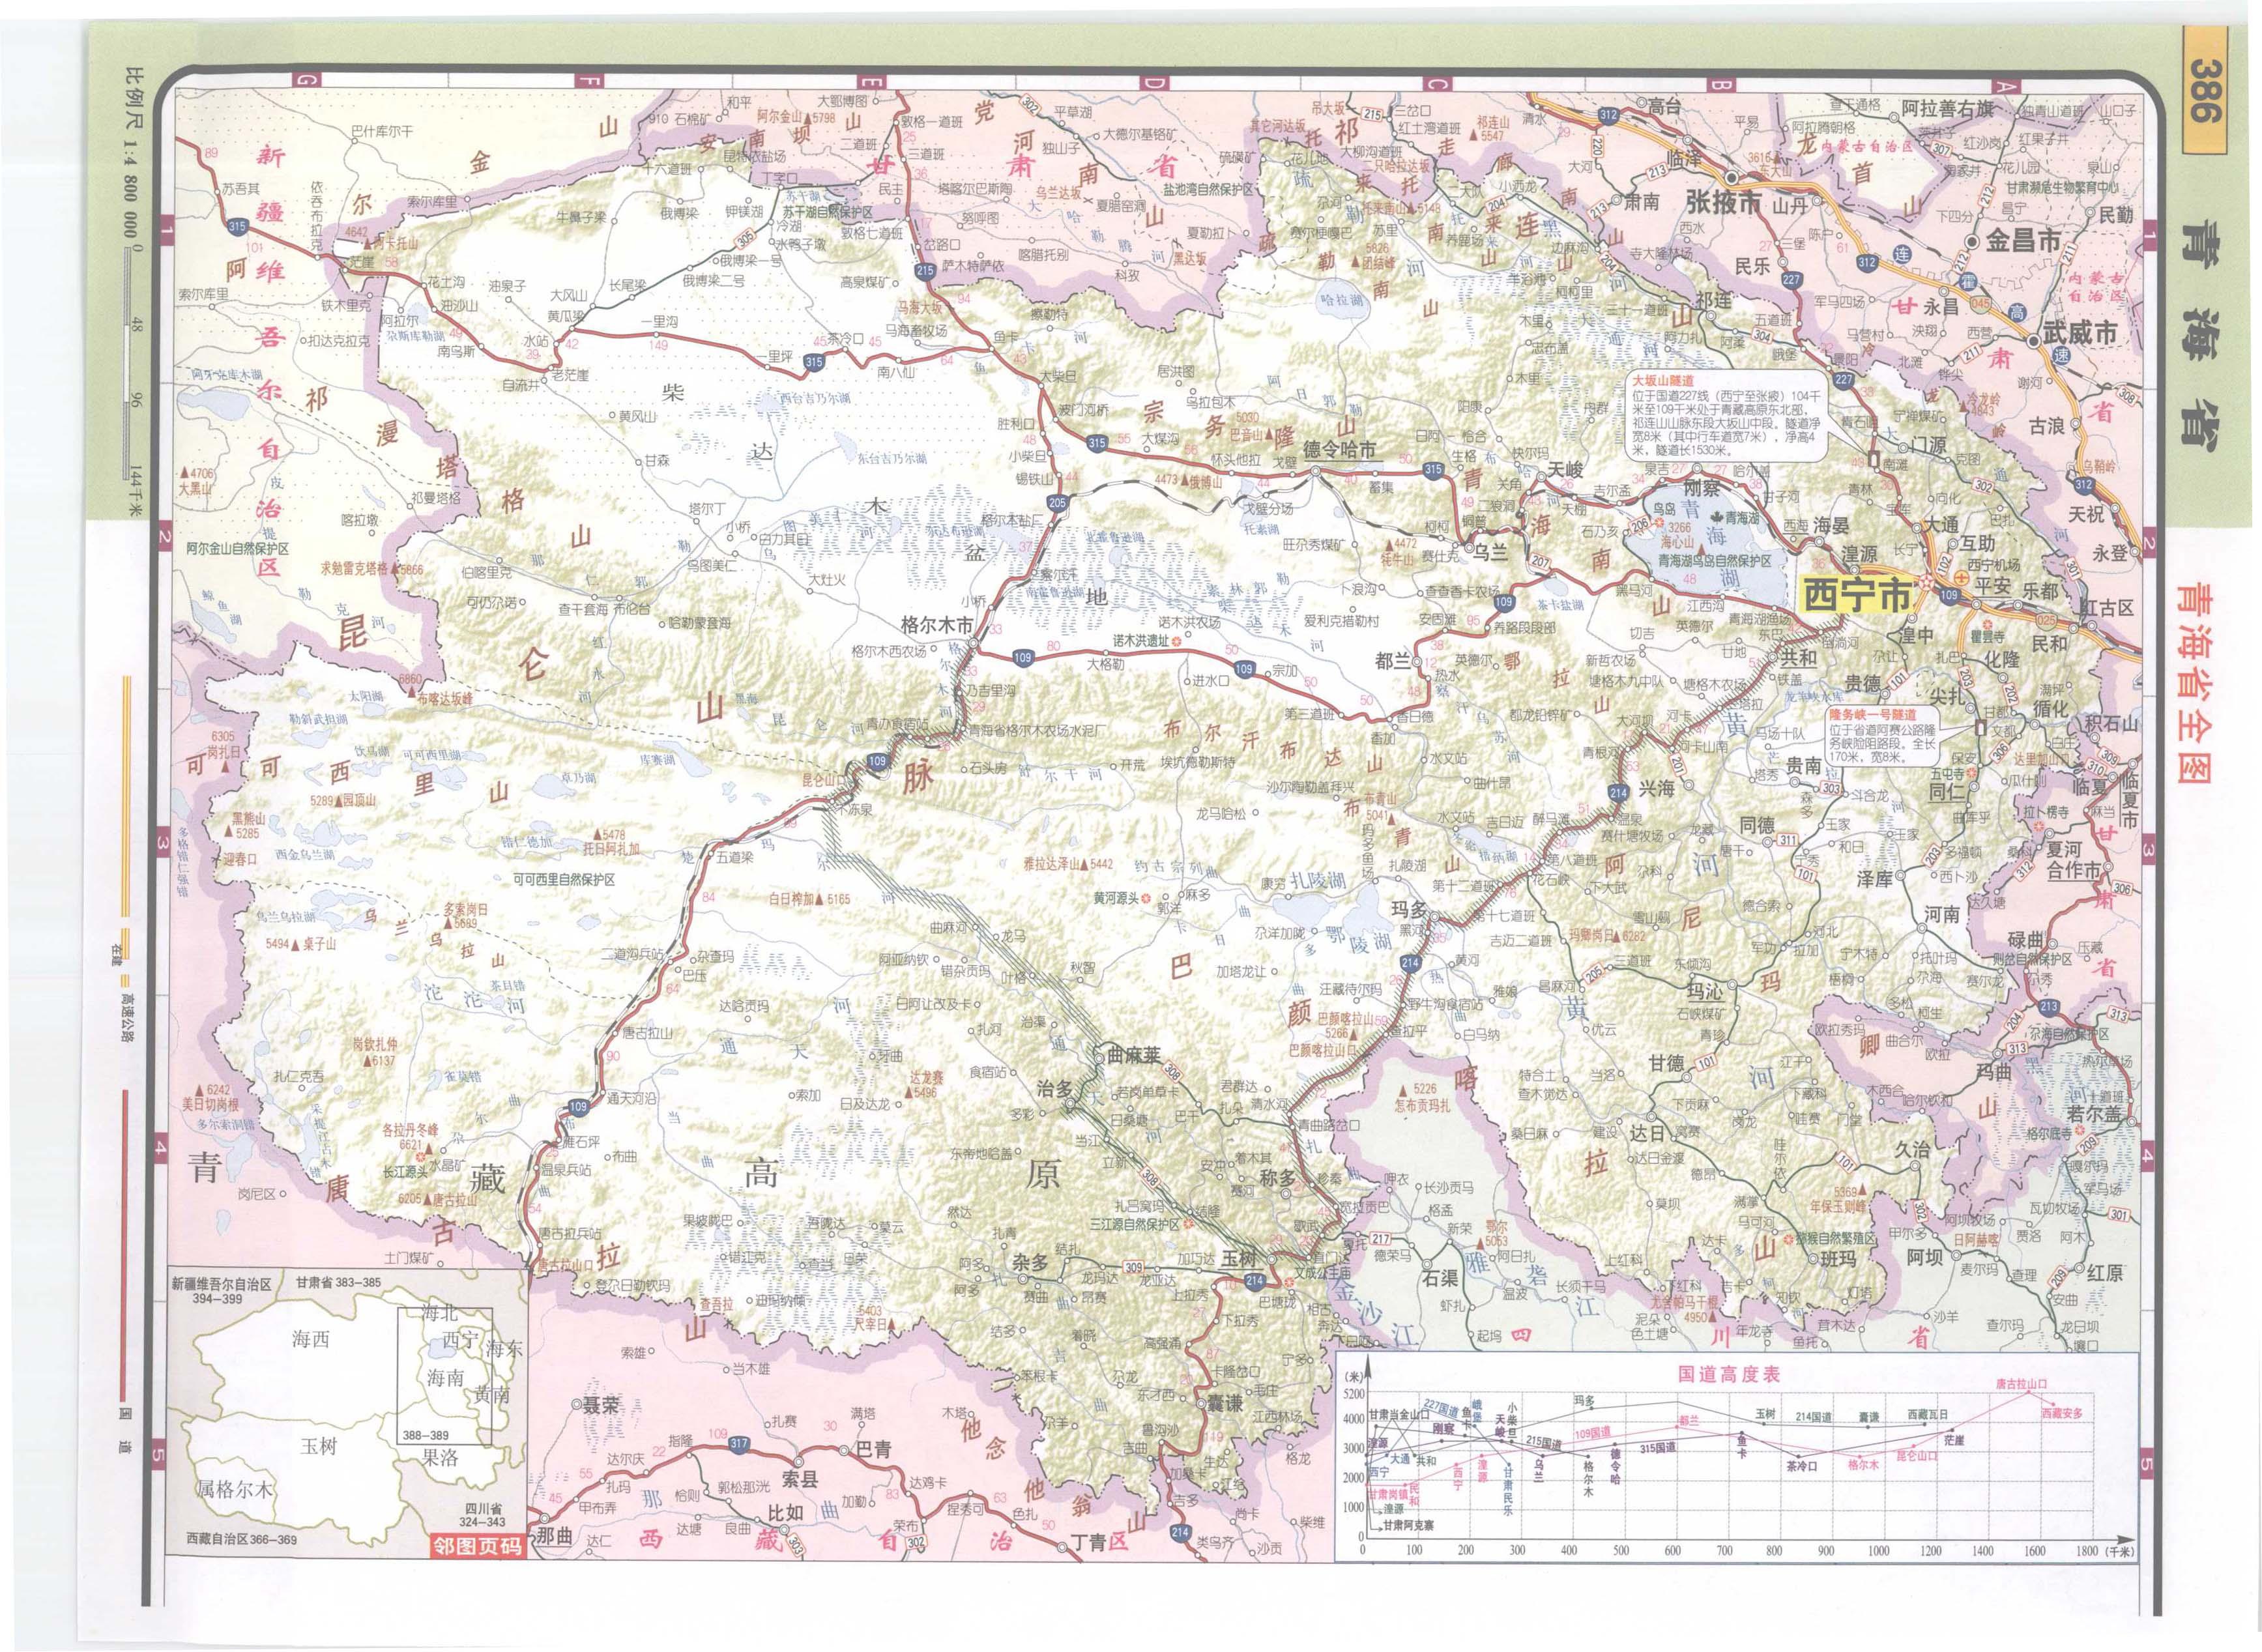 青海省高速公路网地图